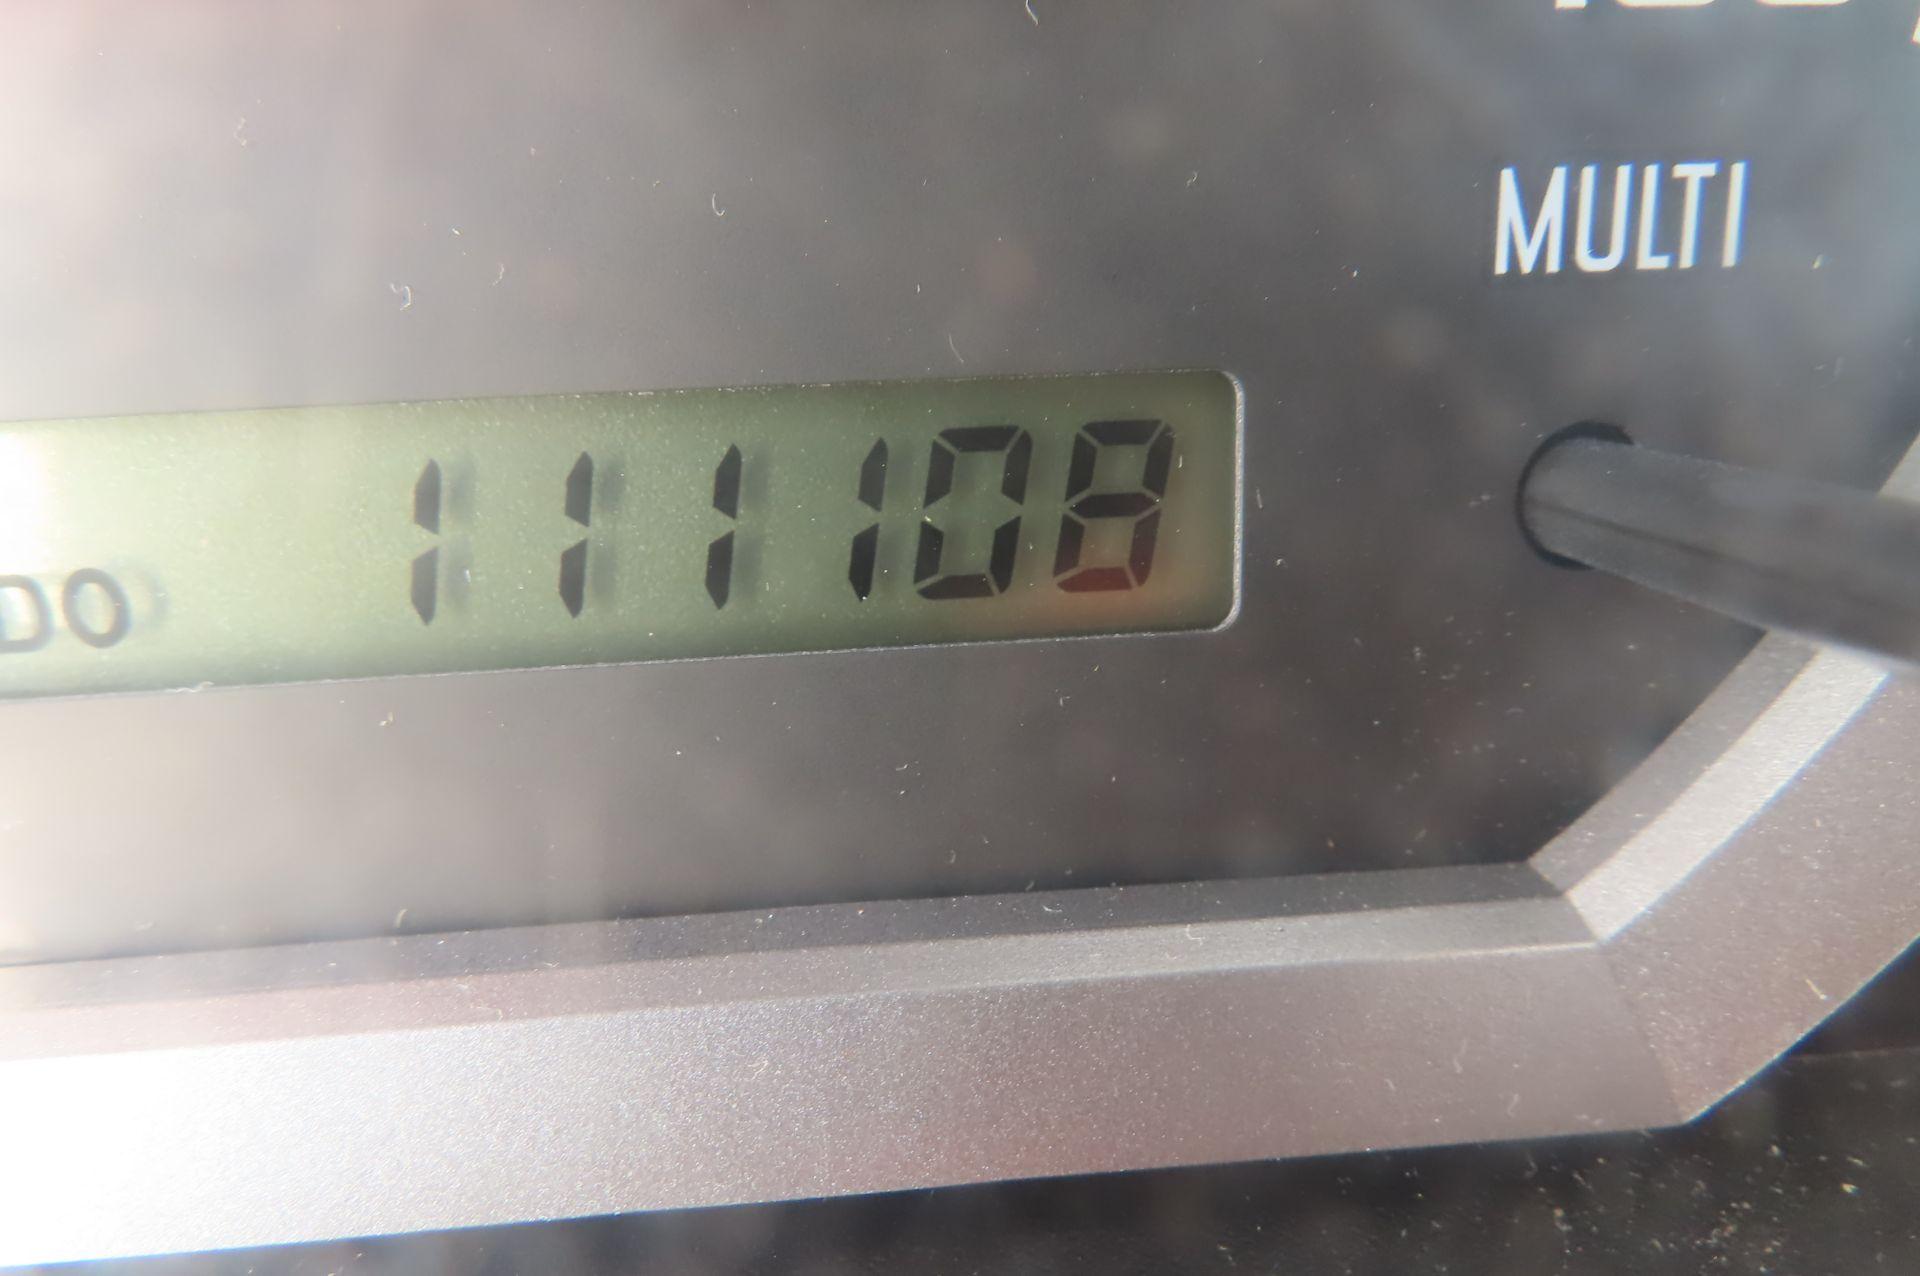 2013 Isuzu refrigerated truck - Image 9 of 9